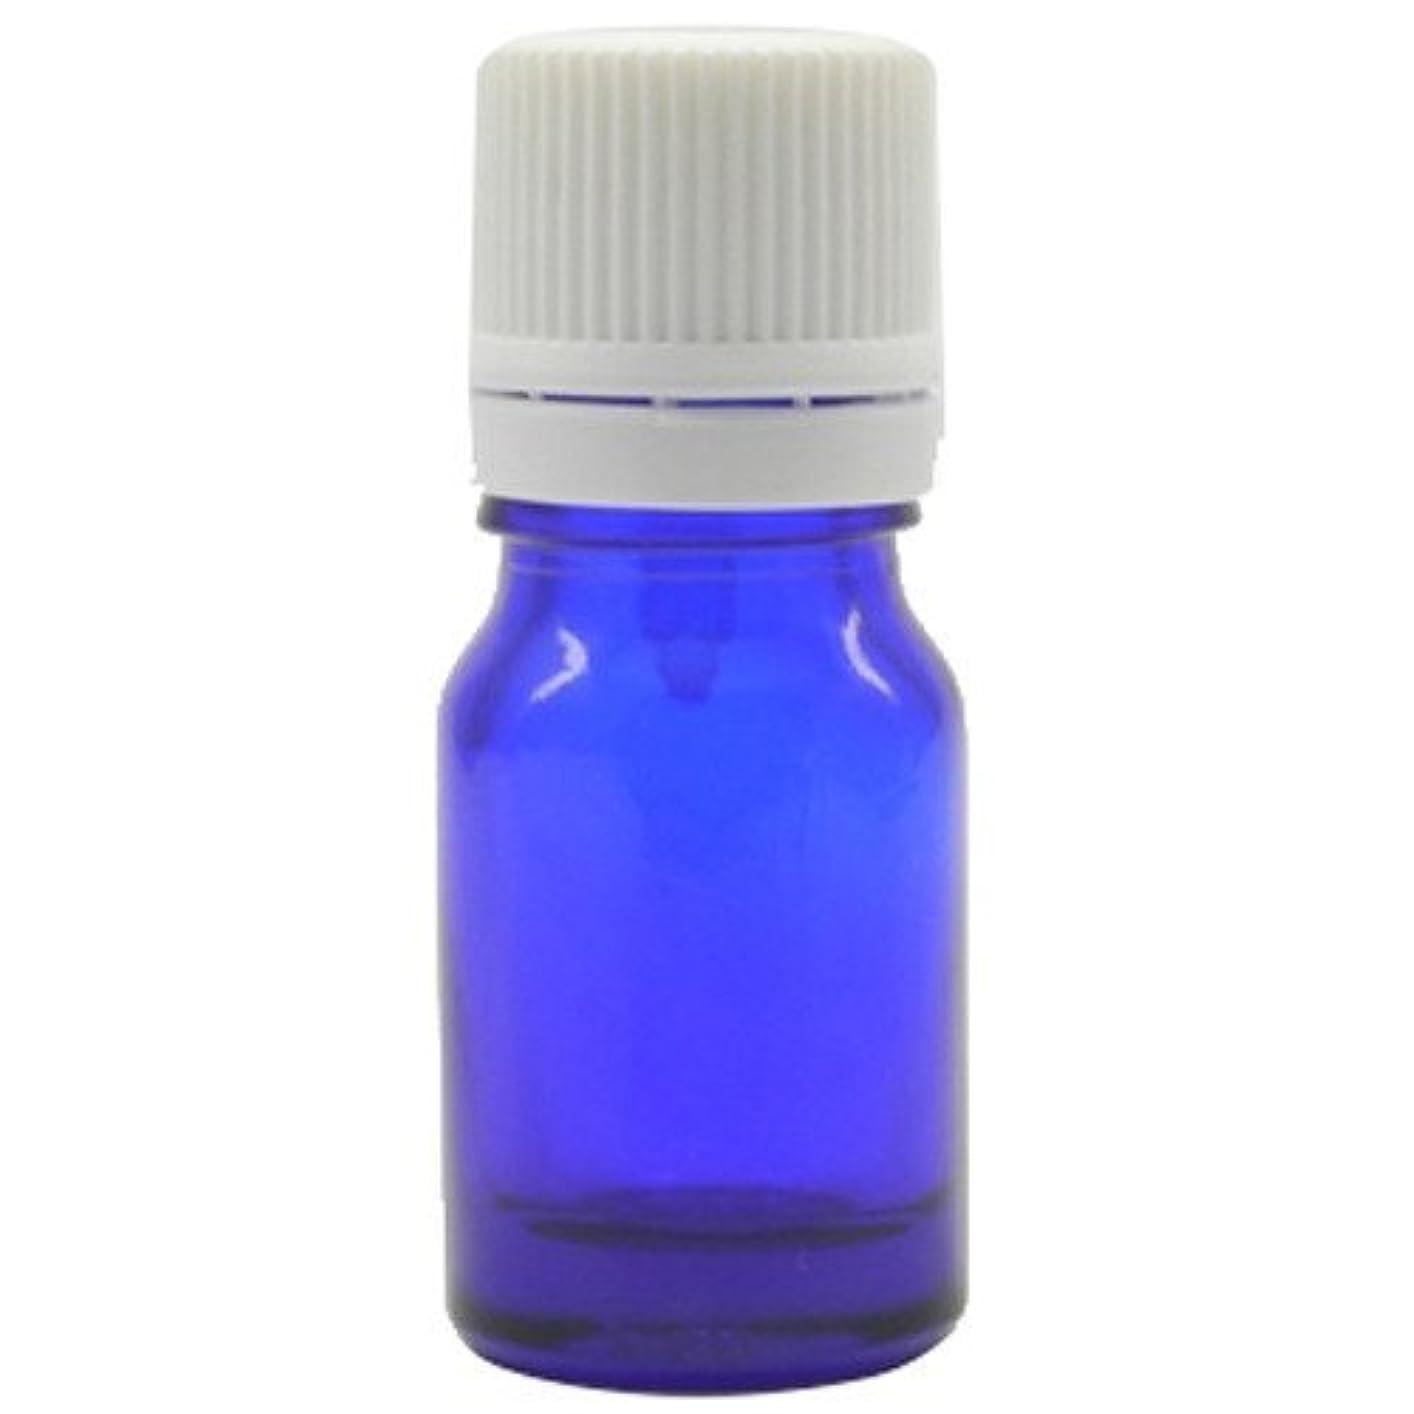 うま醜い巻き戻すアロマアンドライフ (K)ブルー瓶5mlドロップ栓白キャップ 3本セット